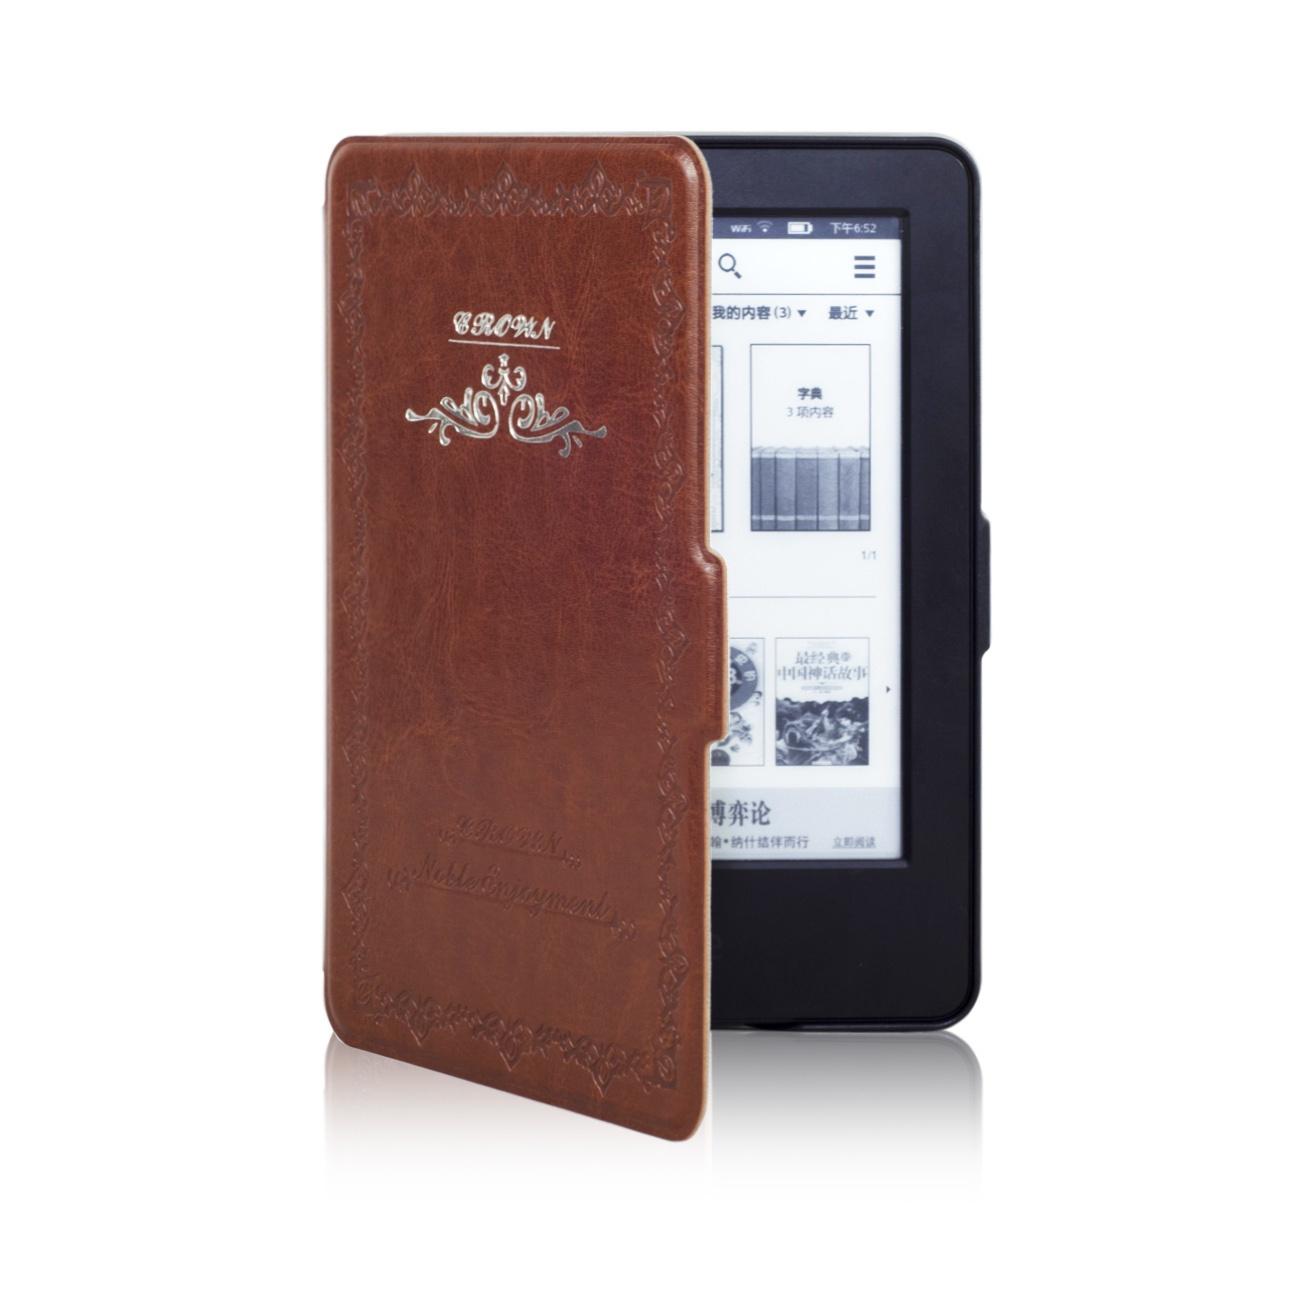 Чехол-обложка GoodChoice Vintage для Amazon Kindle 8 (коричневый)